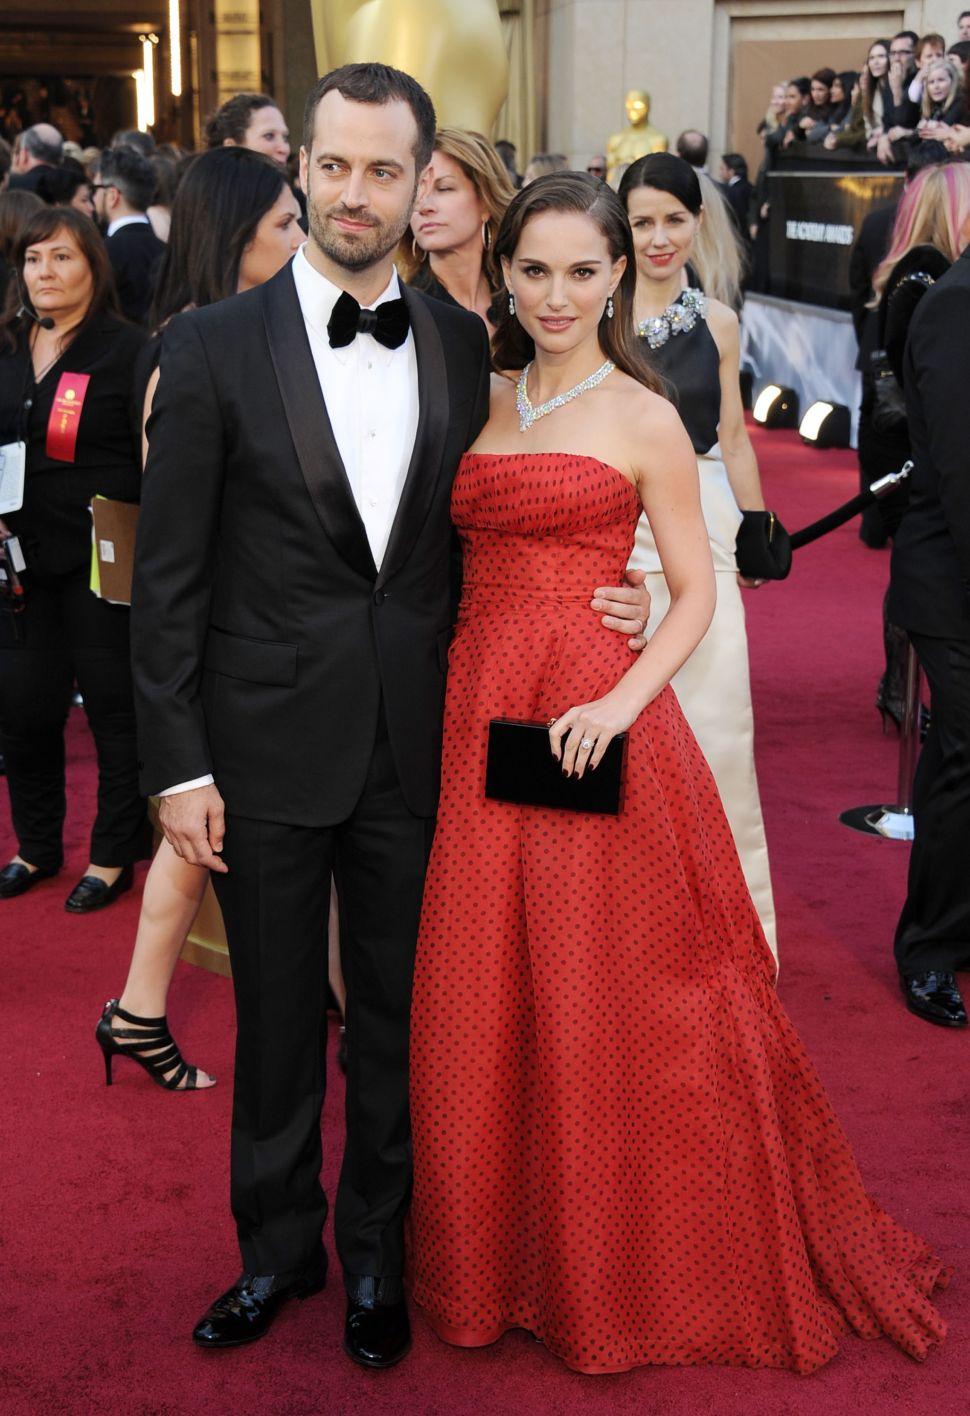 Natalie Portman Got Married To Benjamin Millepied